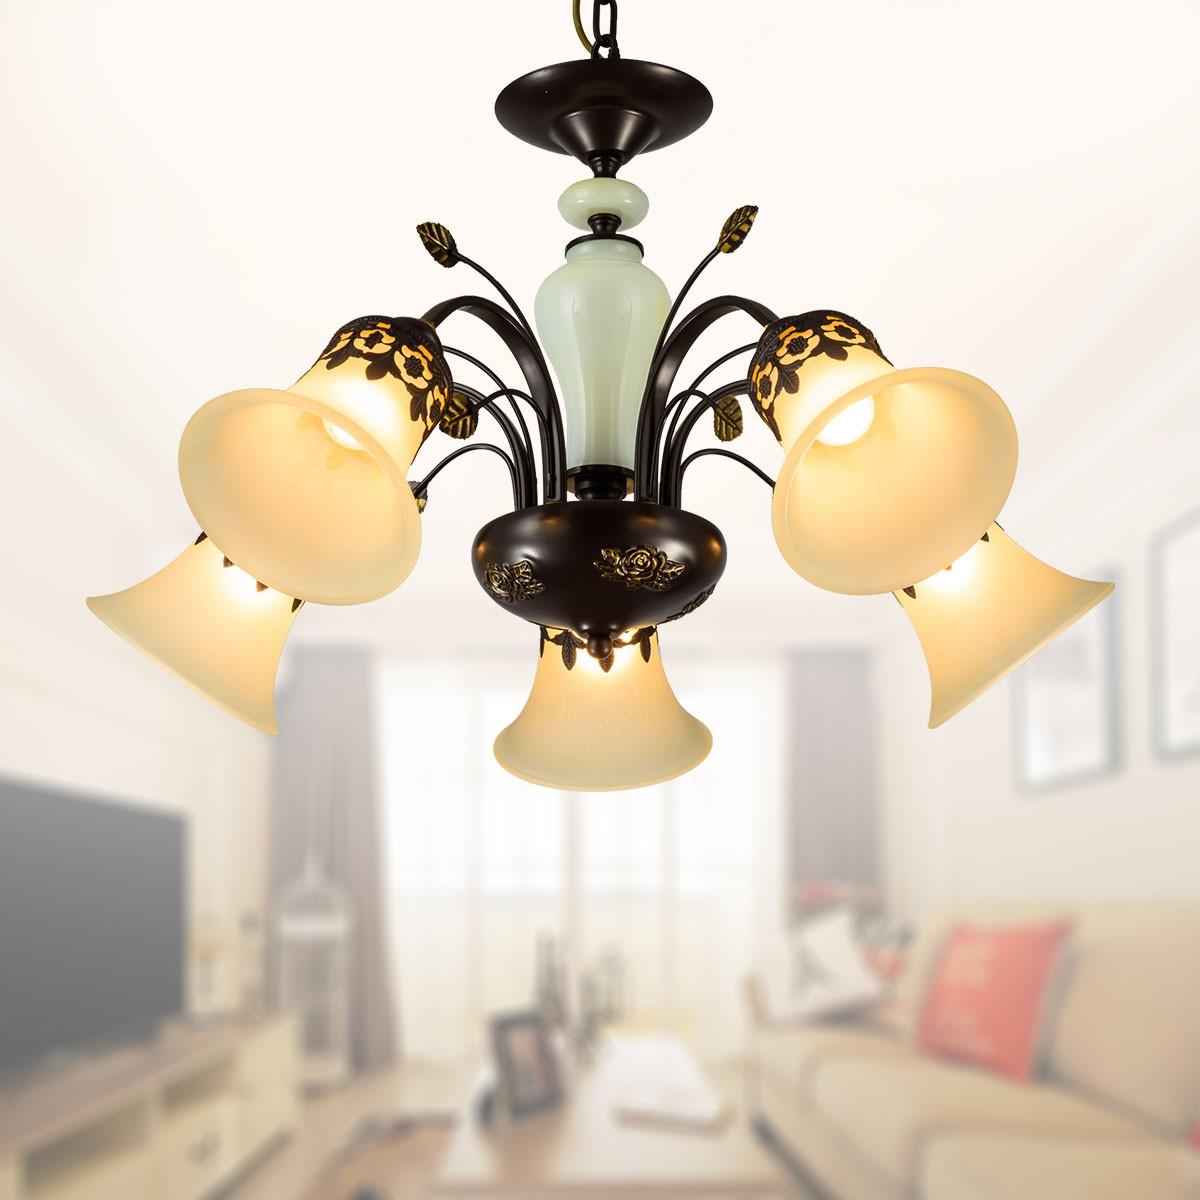 lustre en fer forg avec abat jour en verre 5 ampoules noir dk 1029 5 decoraport canada. Black Bedroom Furniture Sets. Home Design Ideas